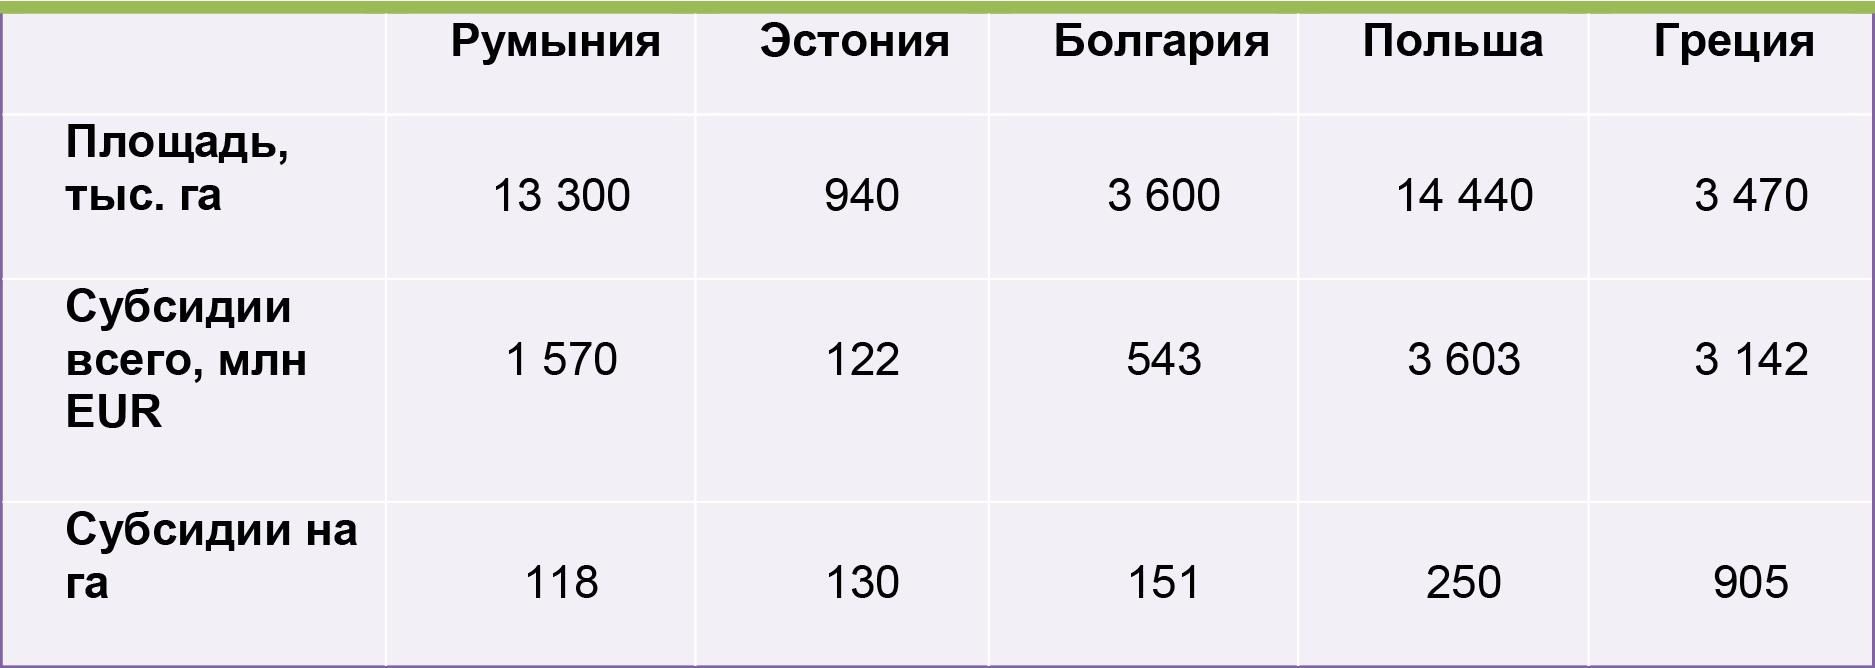 Субсидии сельскому хозяйству, Восточная Европа, 2016